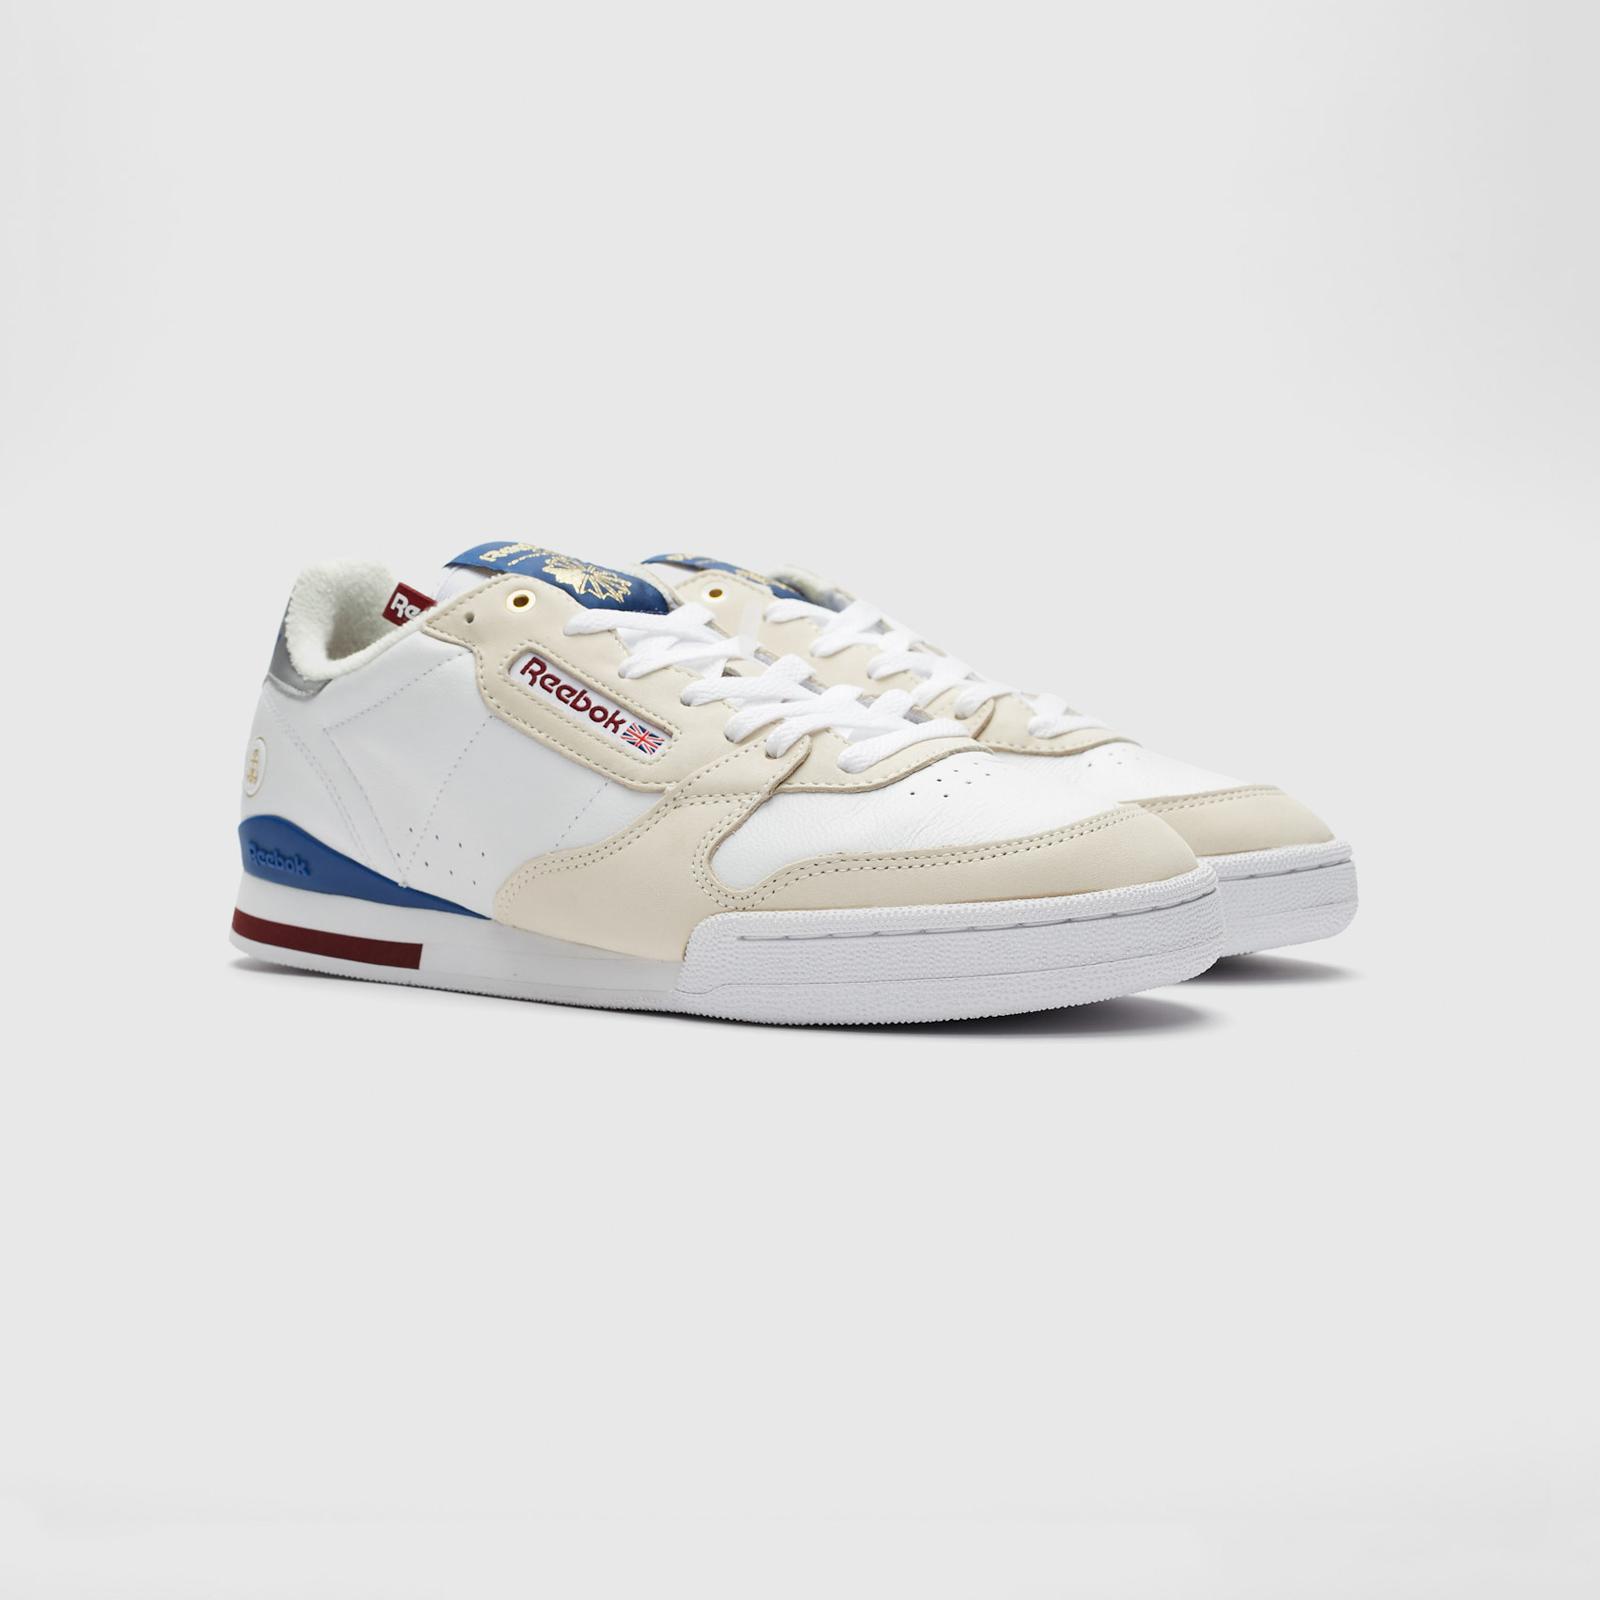 13106380289f Reebok Phase 1 MU x Foot Patrol x HAL - Cn6136 - Sneakersnstuff ...